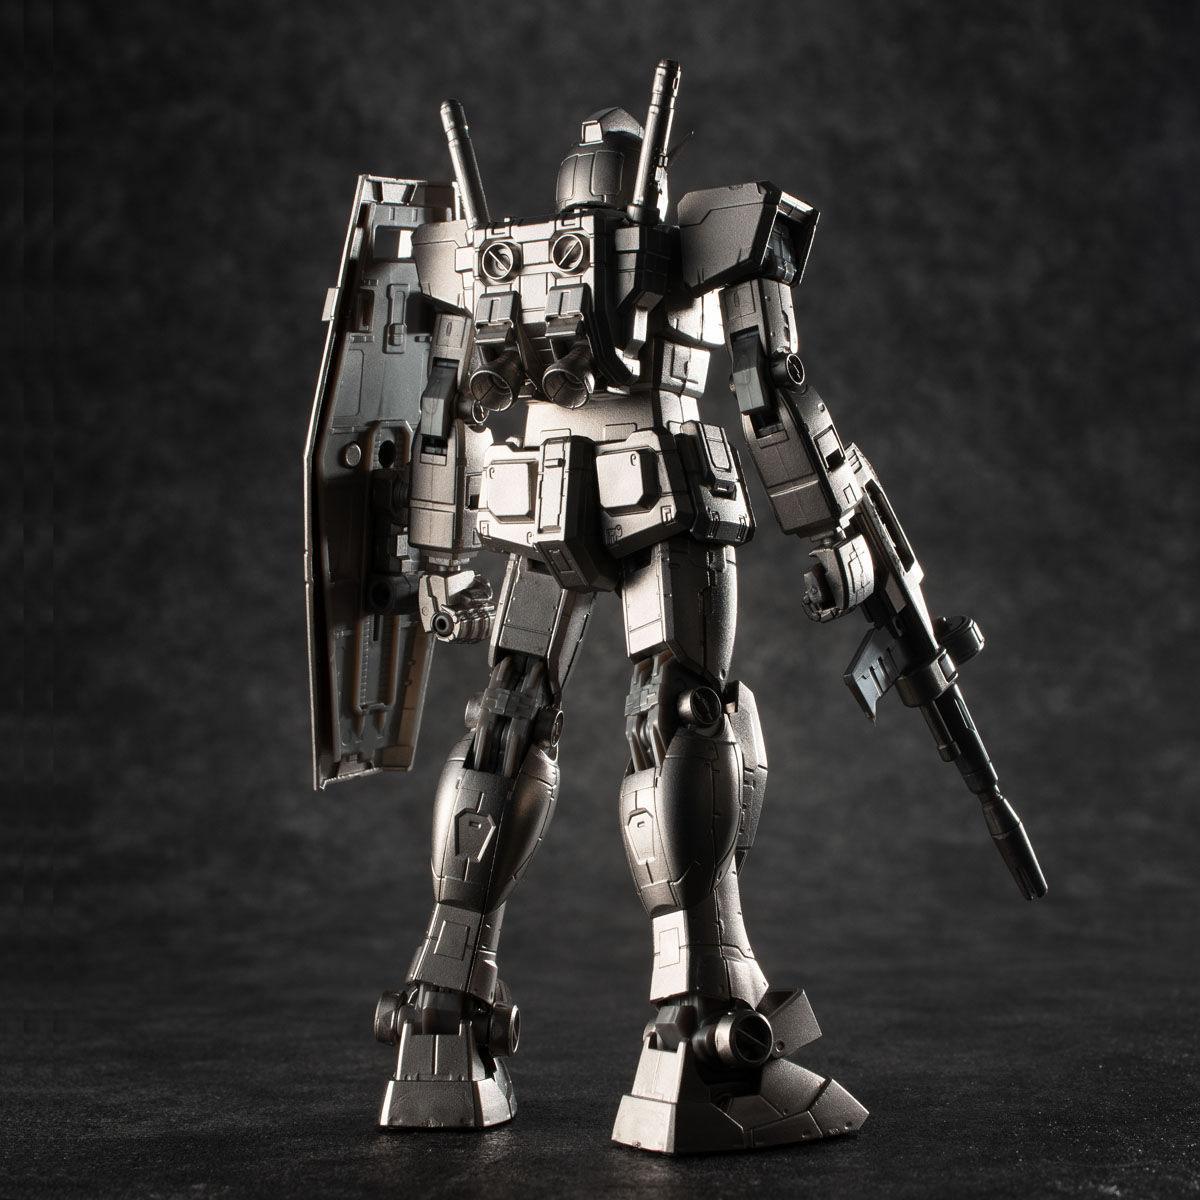 【限定販売】ガンダリウム合金モデル『RX-78-2 ガンダム』1/144 合金モデル-005